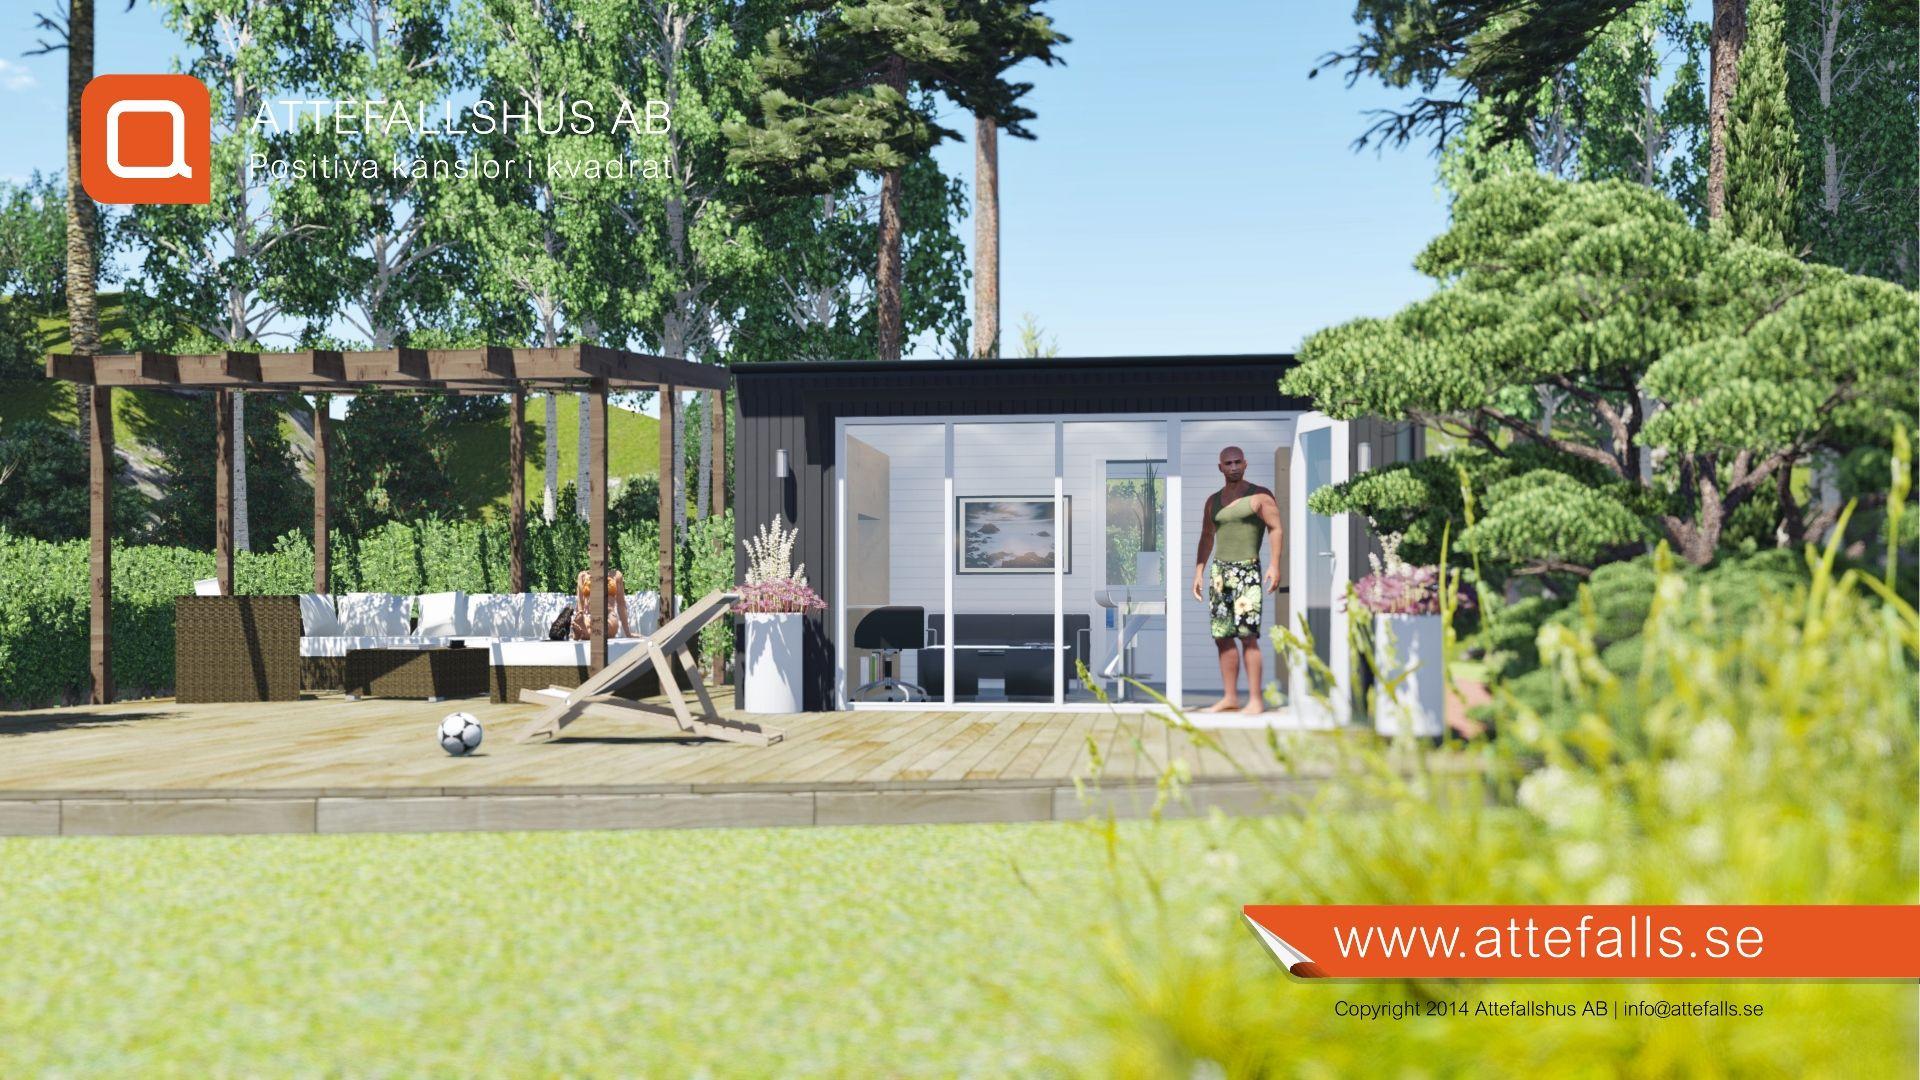 """Här visar vi en trevlig stämningsbild på vår """"25 kvadrat Glädje"""". Huset har det mesta för att skapa ett behagligt boende. Ytterligare information: www.attefalls.se Tags: #attefallshus #minivilla #sommarnöjen #enkelrum #bygglovsfritt #gäststuga #komplementbyggnad"""